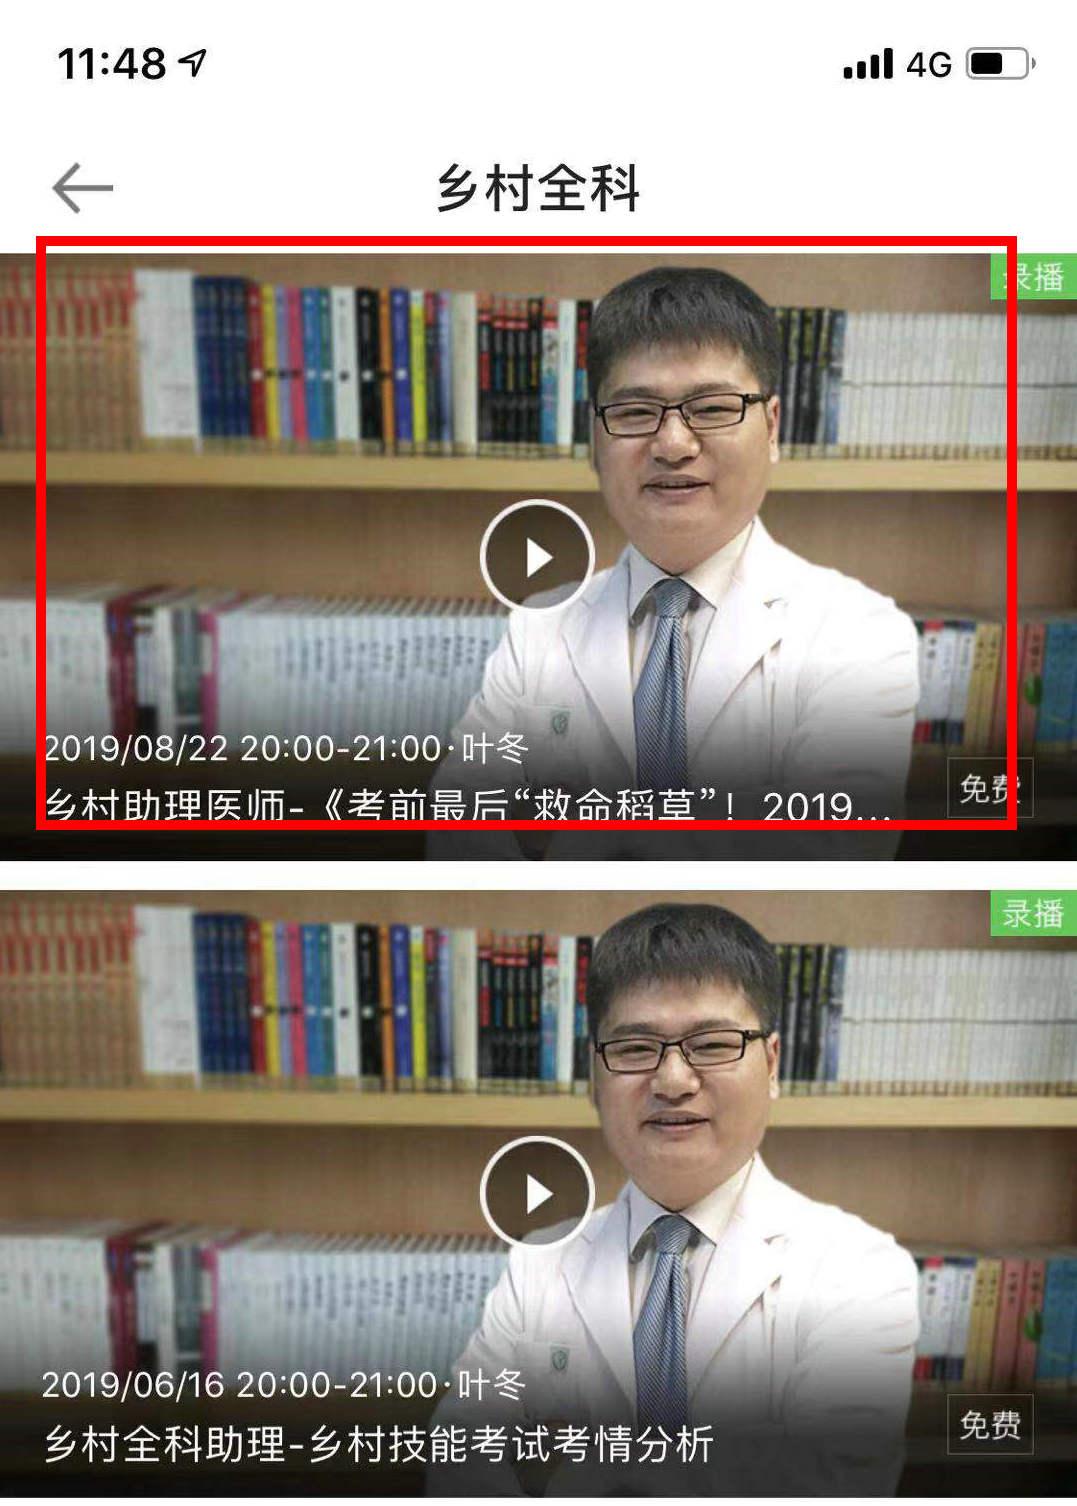 """叶冬:考前""""救命稻草""""!2019年乡村考试考前最后免费直播"""